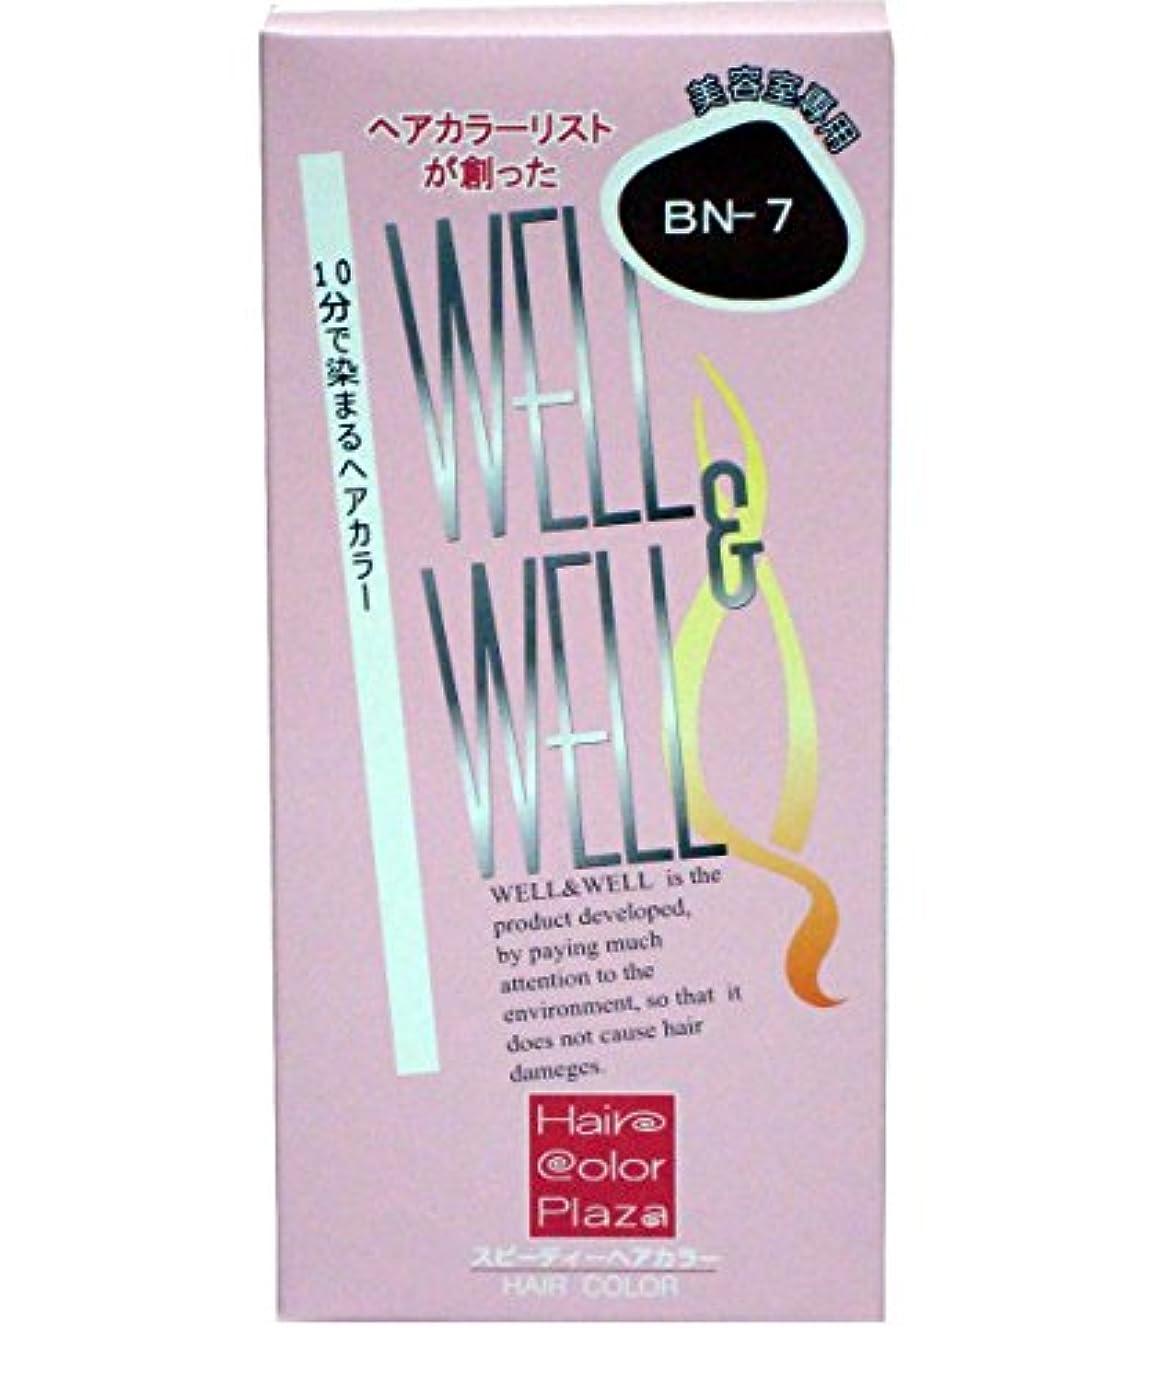 調和のとれた質素な渇き【美容室専用】 ウェル&ウェル スピーディヘアカラー ナチュラルブラウン BN-7